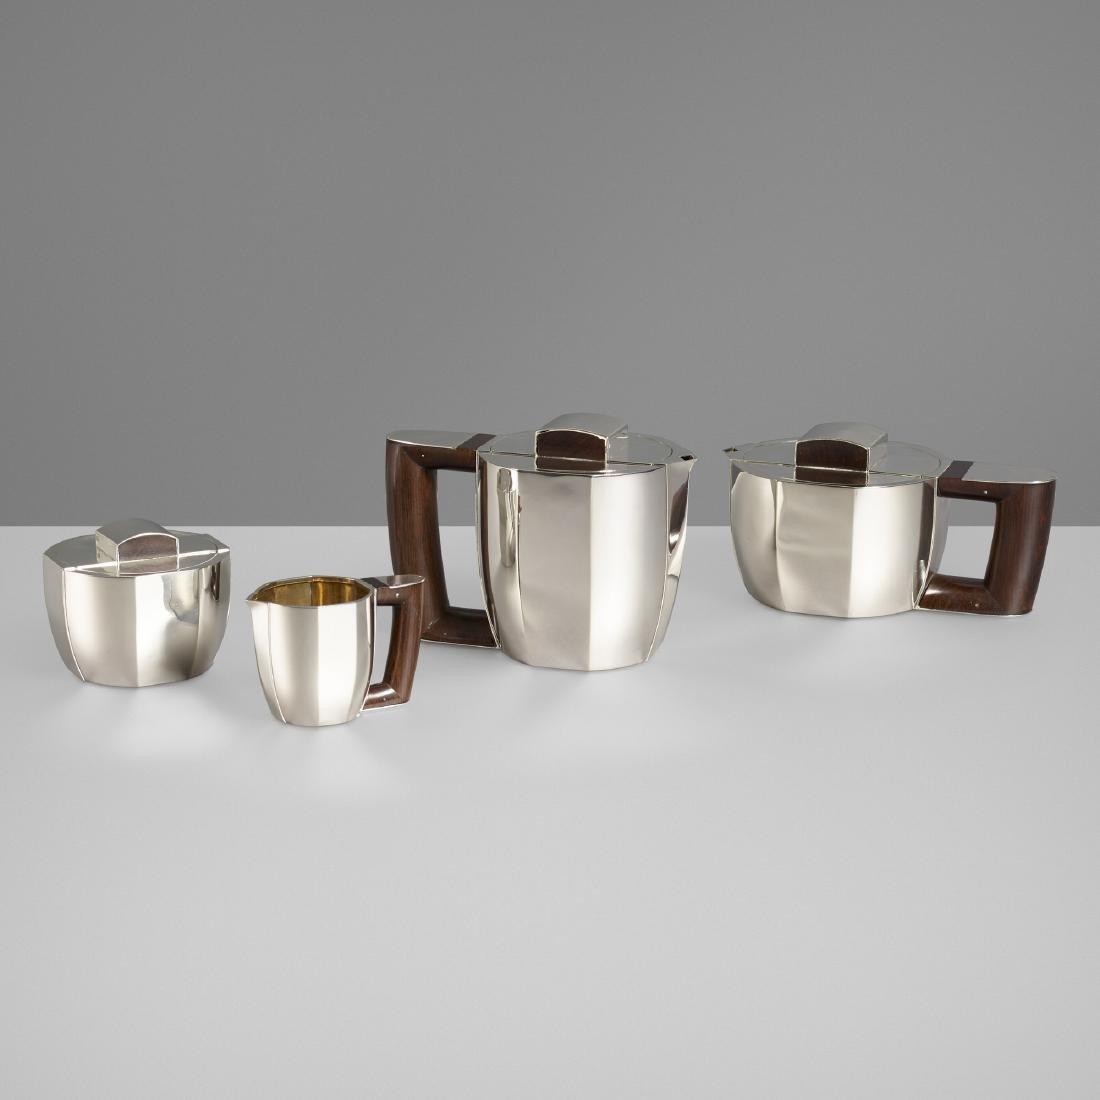 Jean-Emile Puiforcat, coffee and tea service